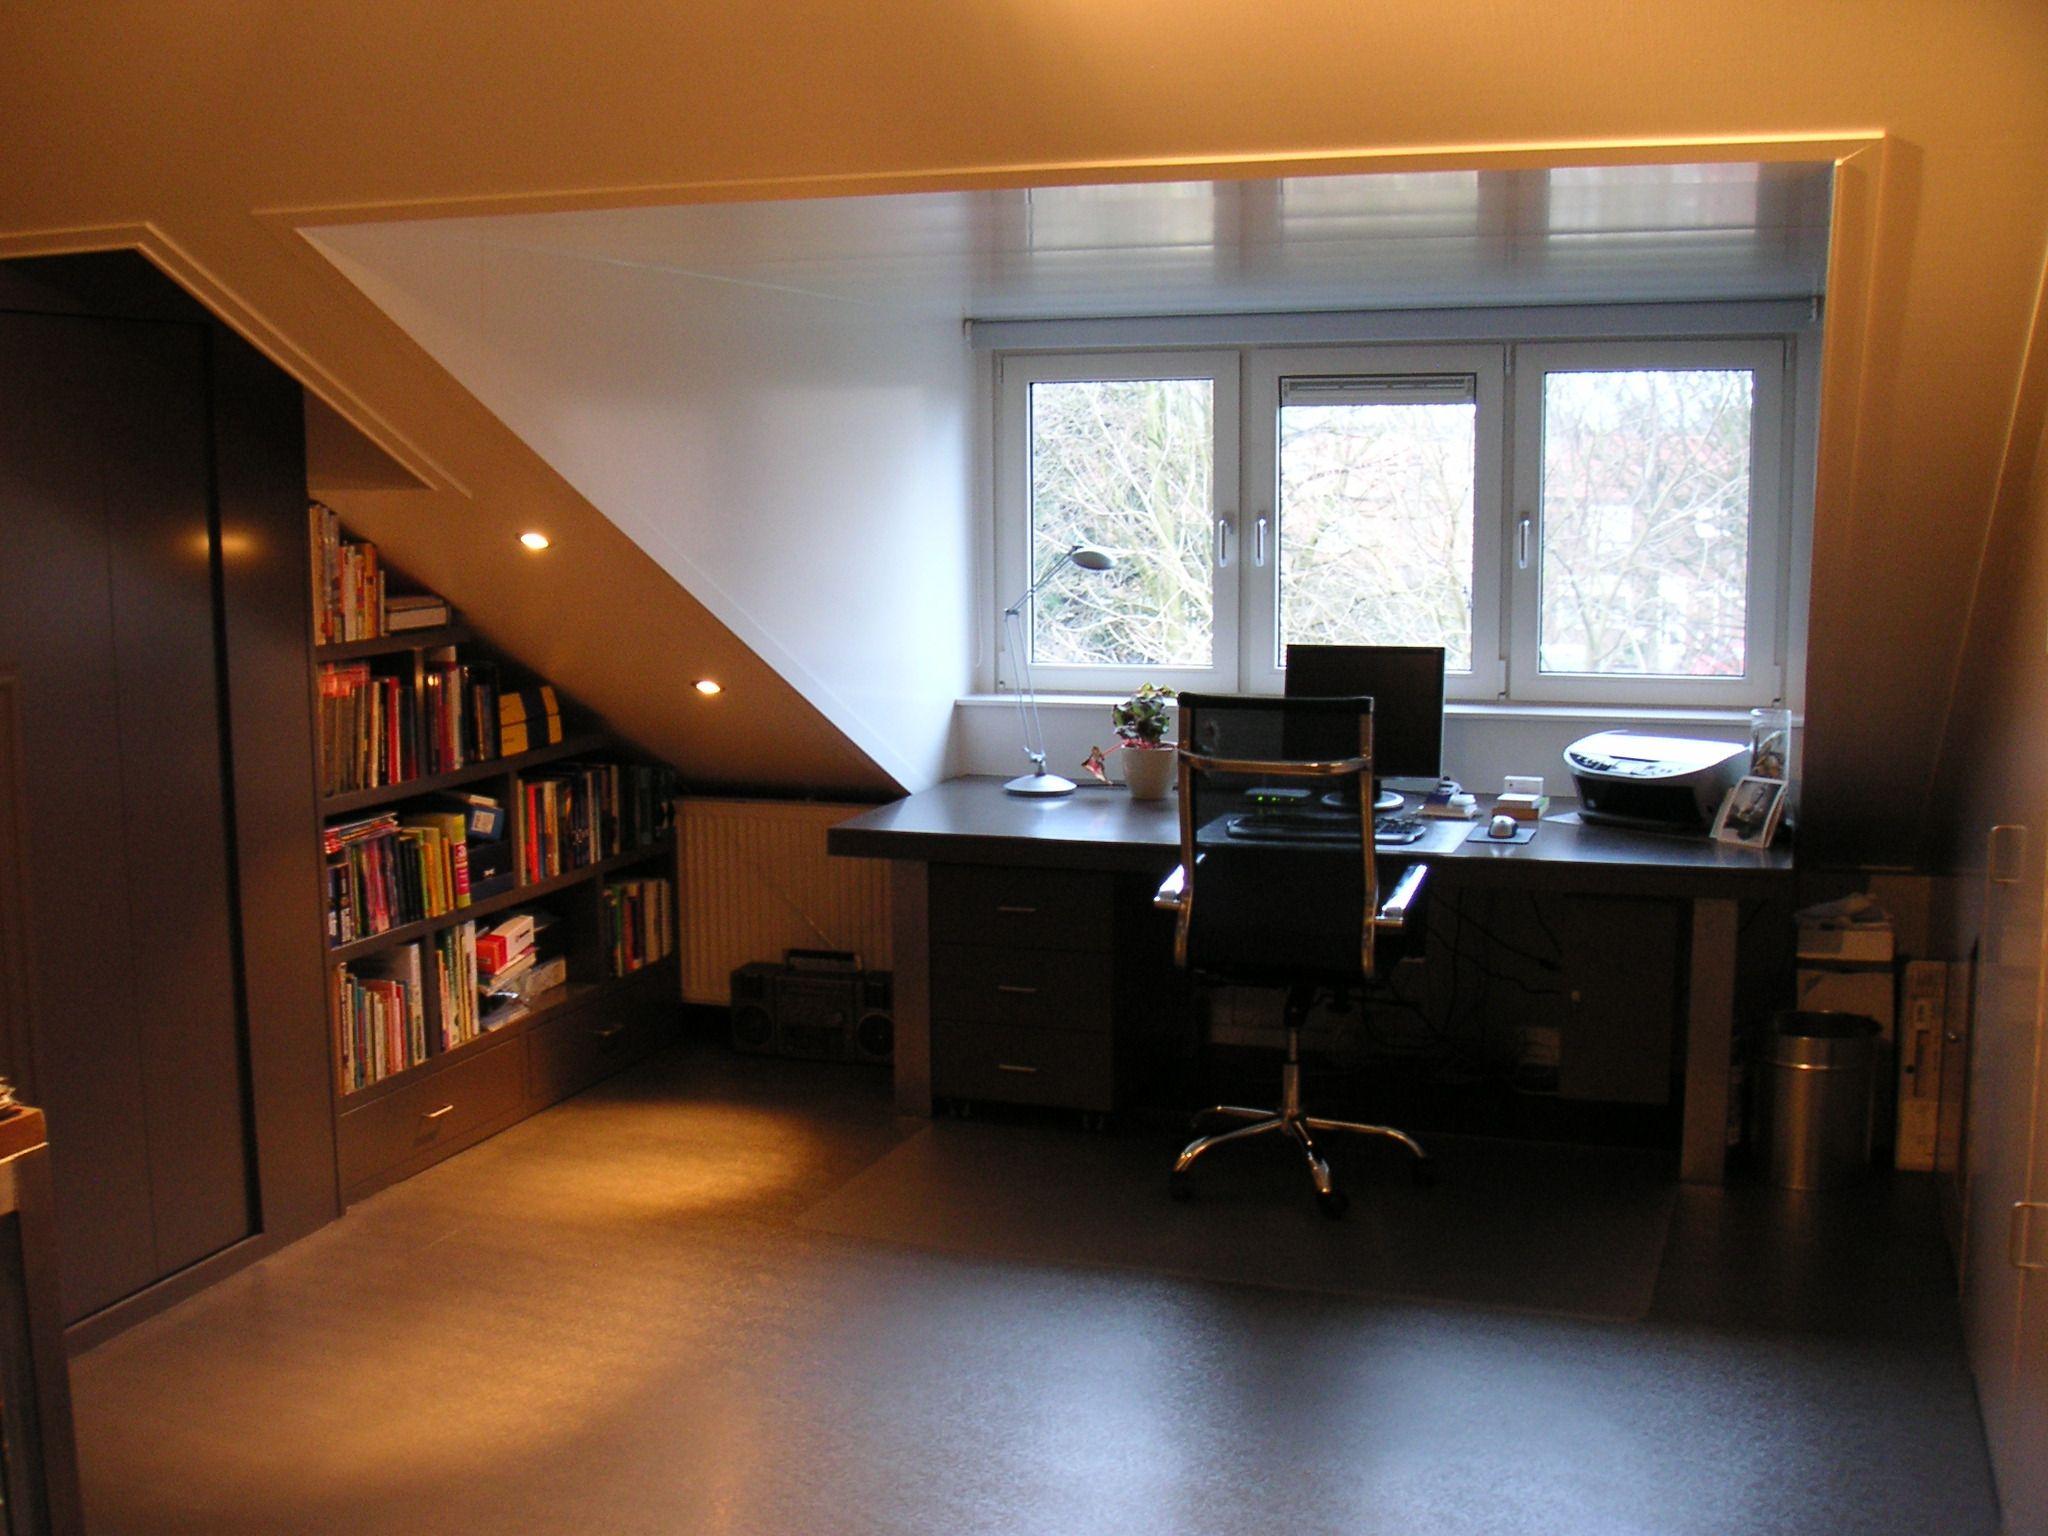 Fantastisc Inbouwspotjes Badkamer : Afwerking binnen van een dakkapel en plafons met inbouwspotjes